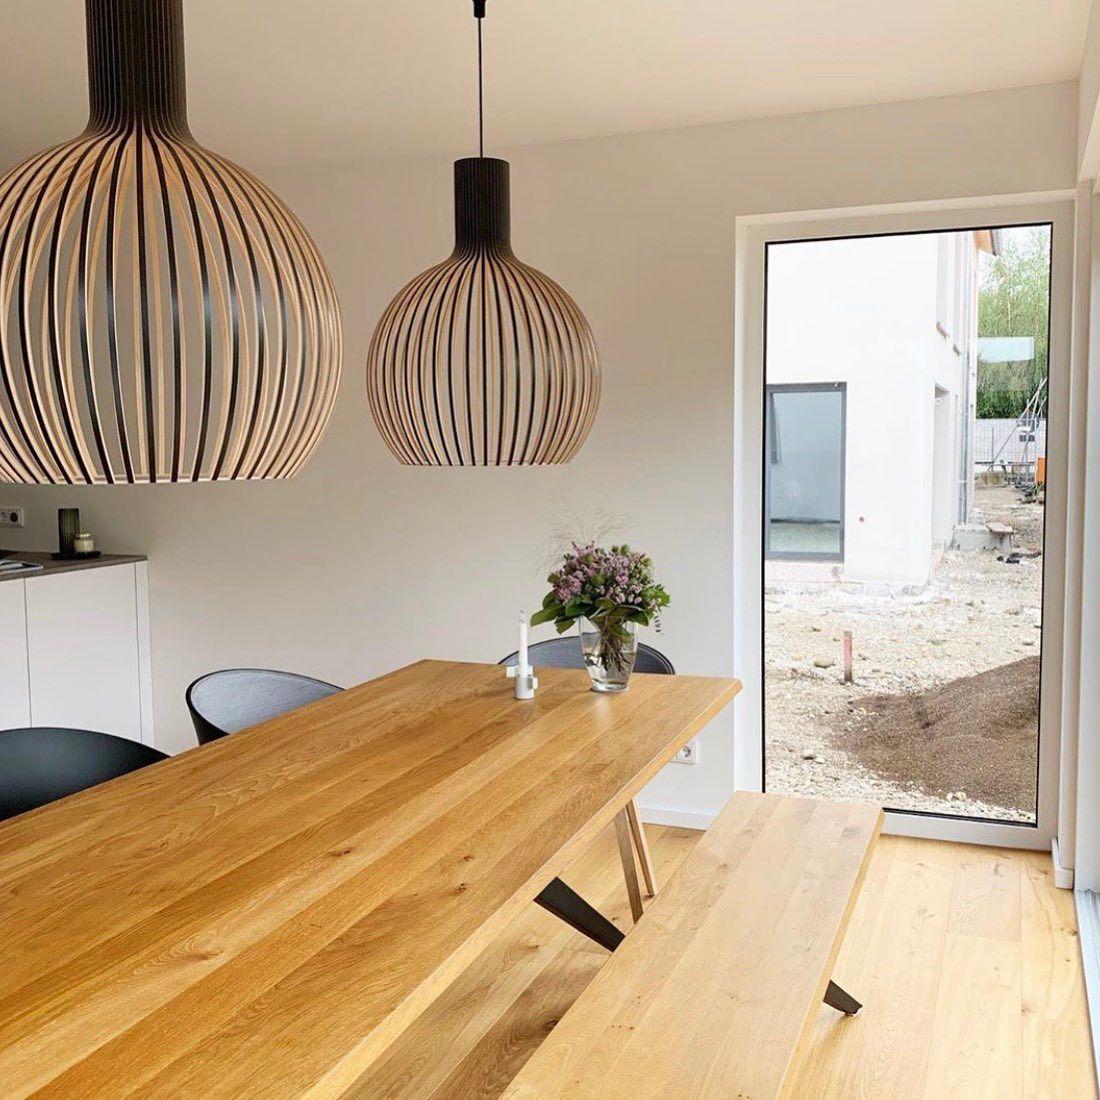 Minimalistisch Modern Und Naturlich Schon Wir Lieben Das Zuhause Von Villaglueckskind Mittendrin Tisch Und Bank Tamina Von Muster In 2020 Home Decor Decor Home